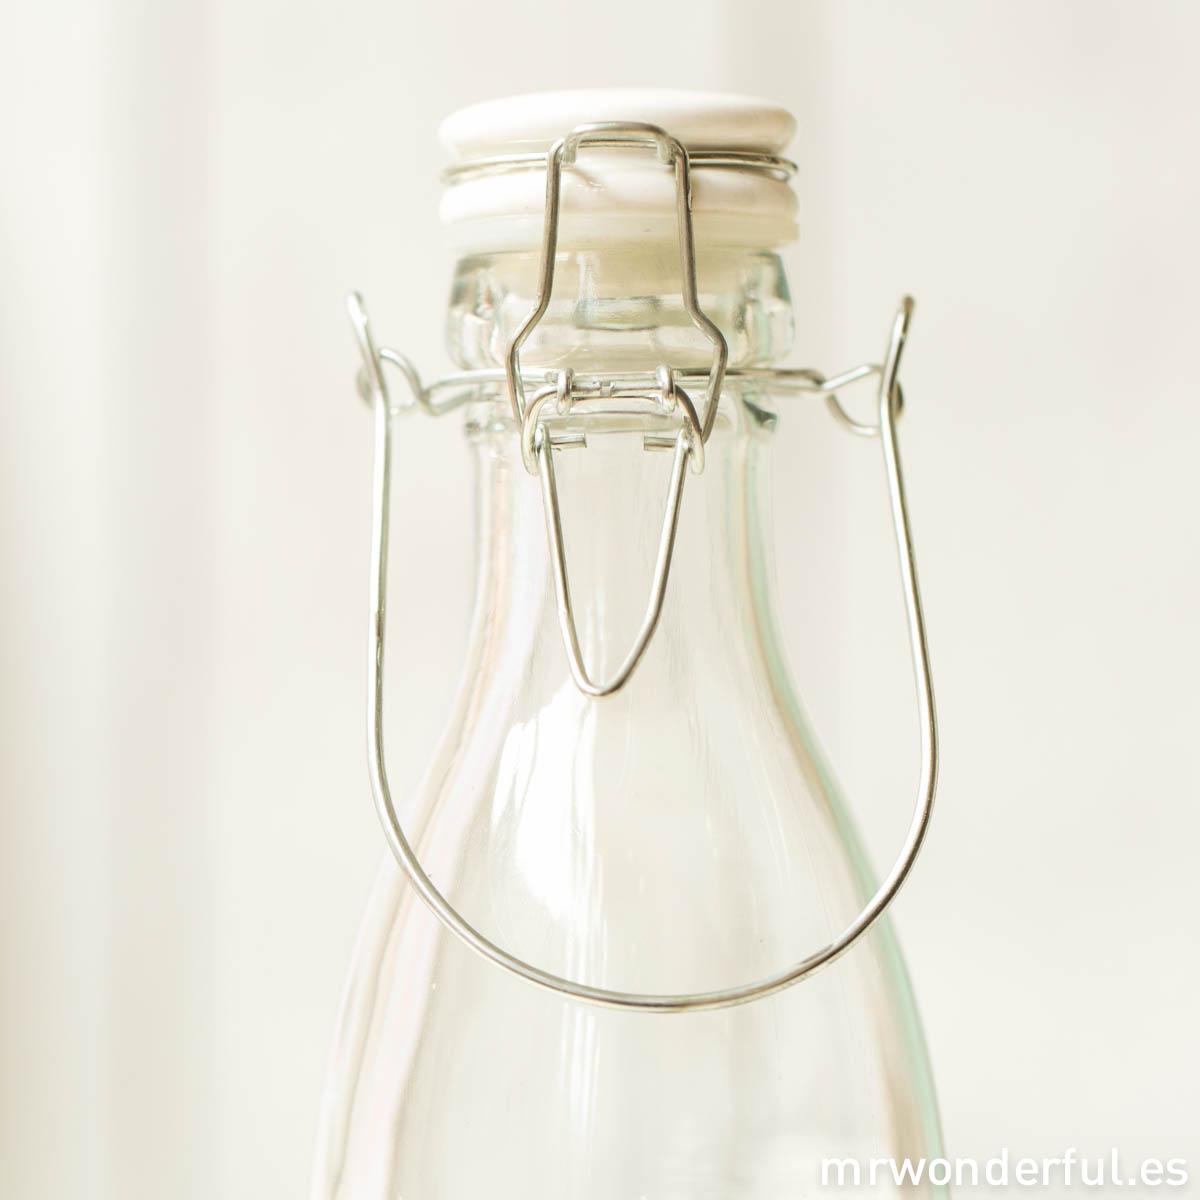 mrwonderful_BX710L_Botella-cristal-tapon-cierre-5